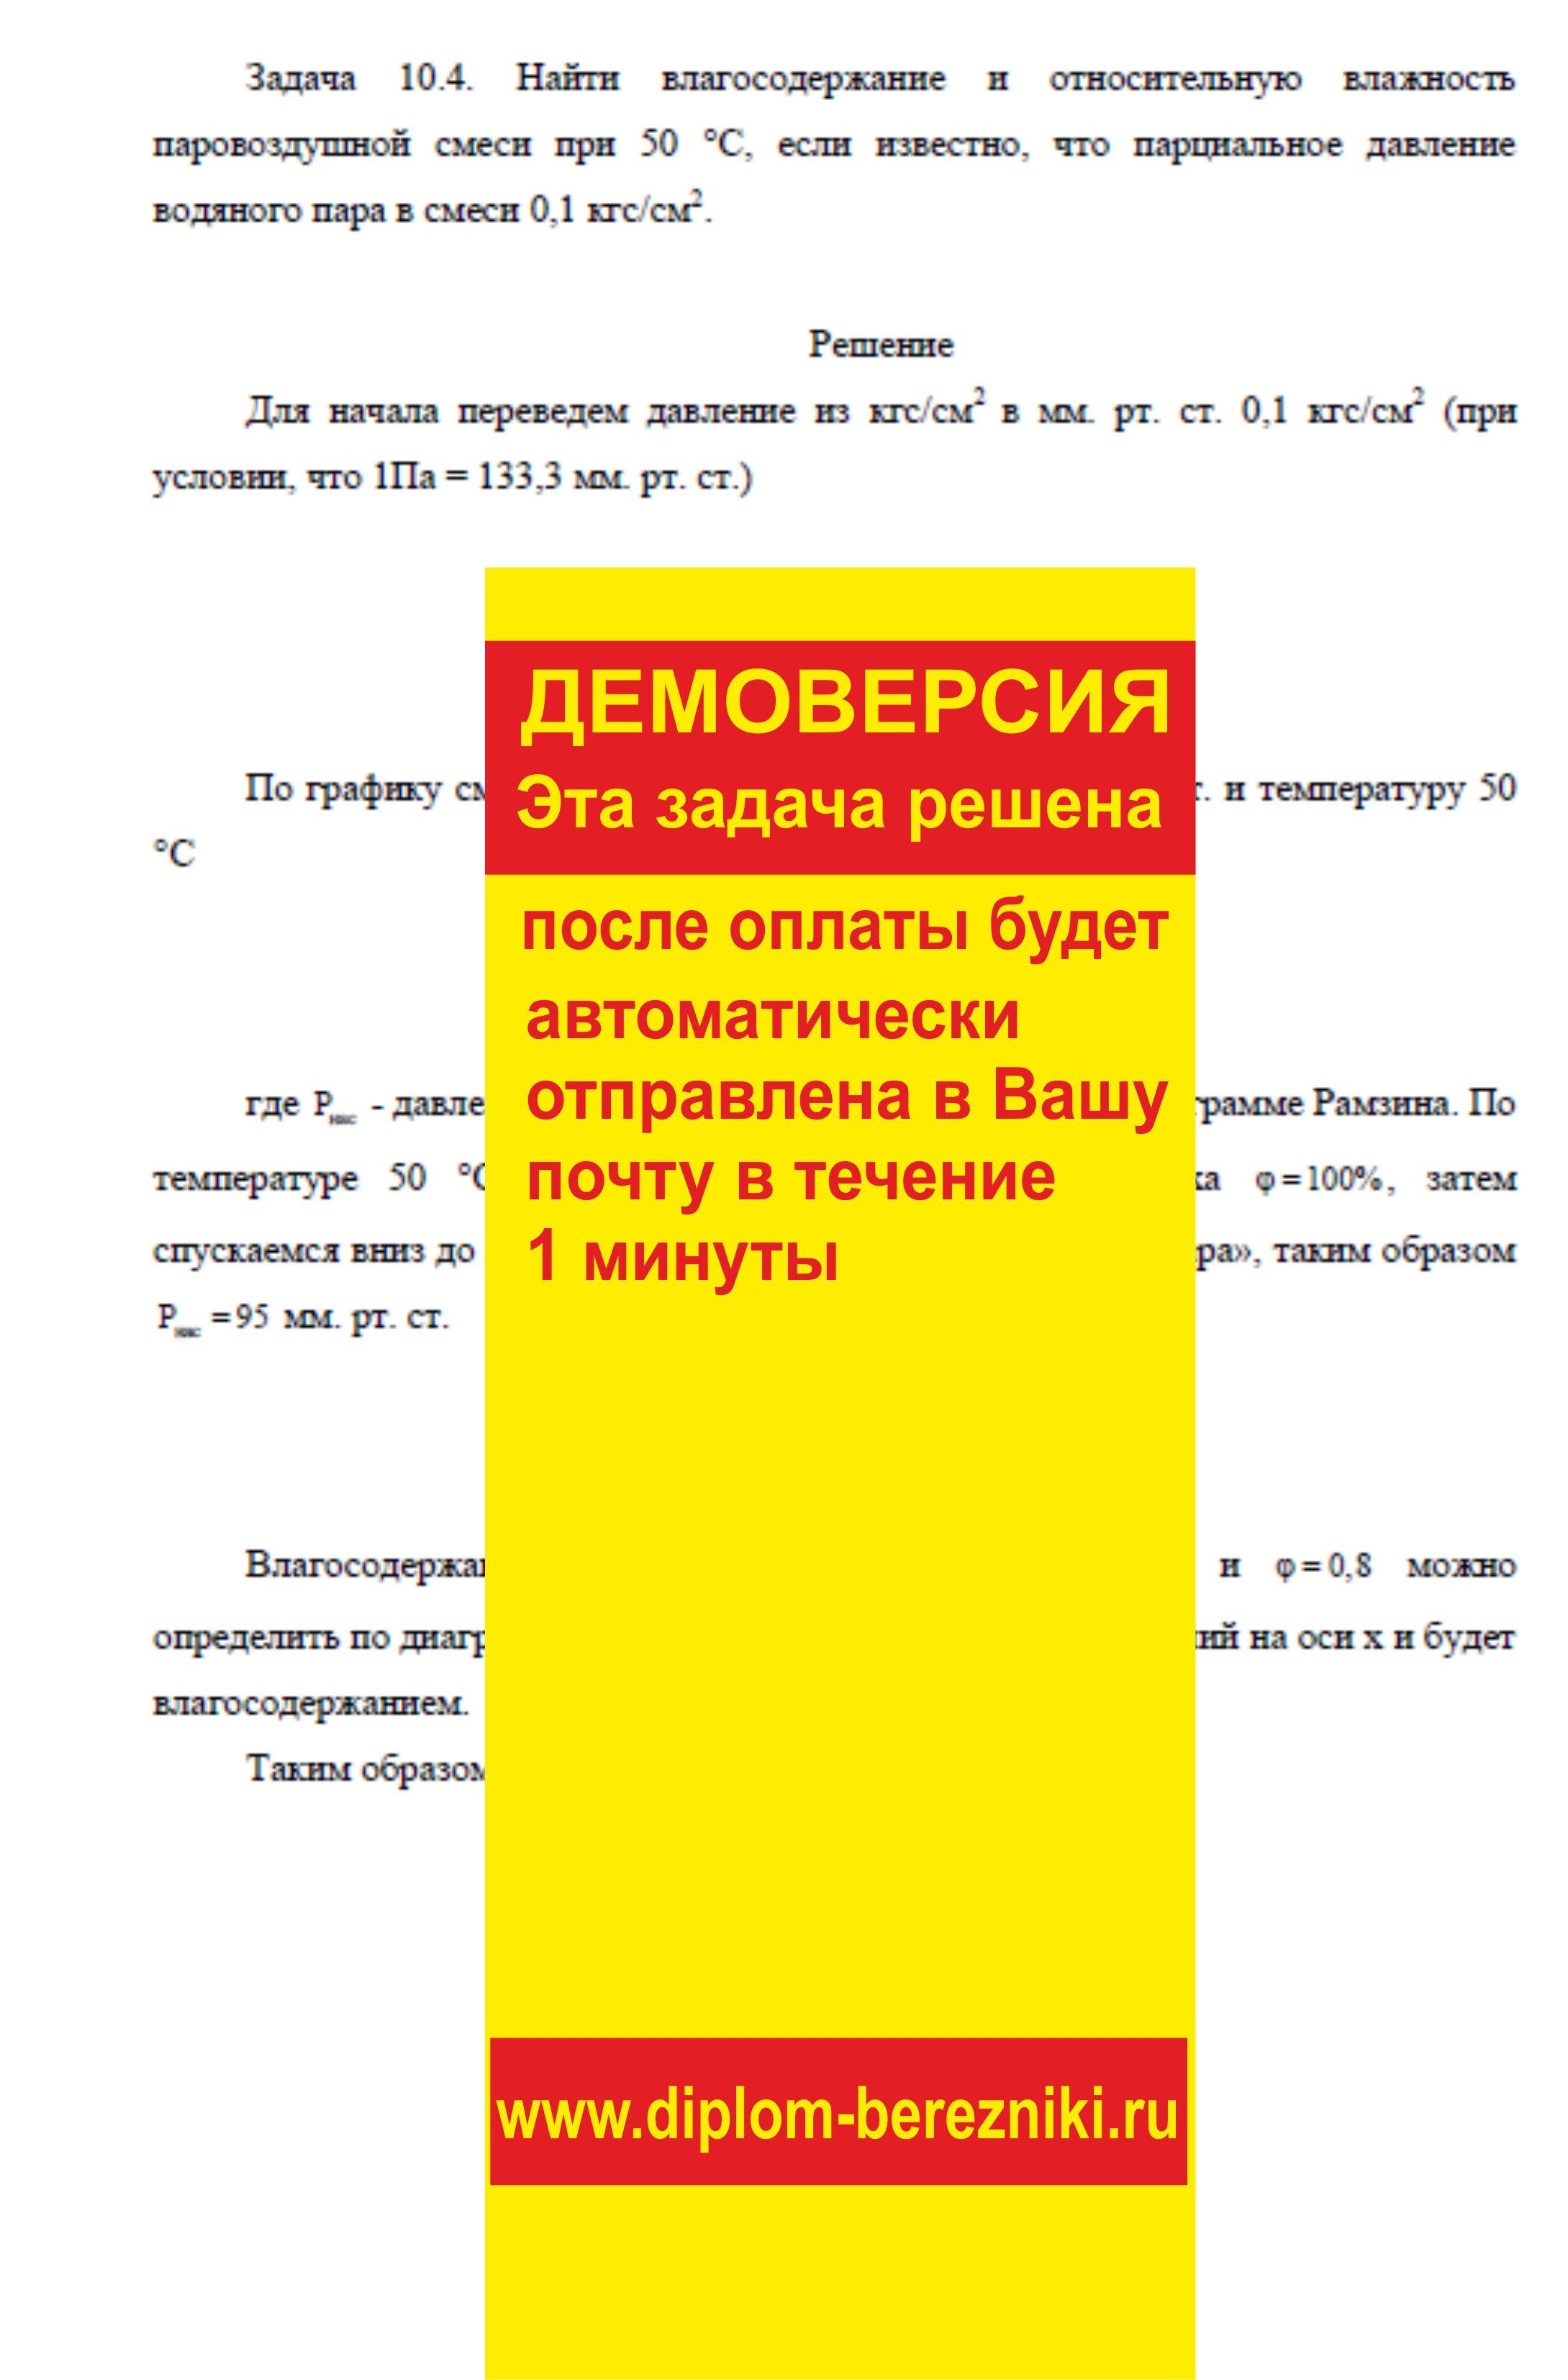 Решение задачи 10.4 по ПАХТ из задачника Павлова Романкова Носкова